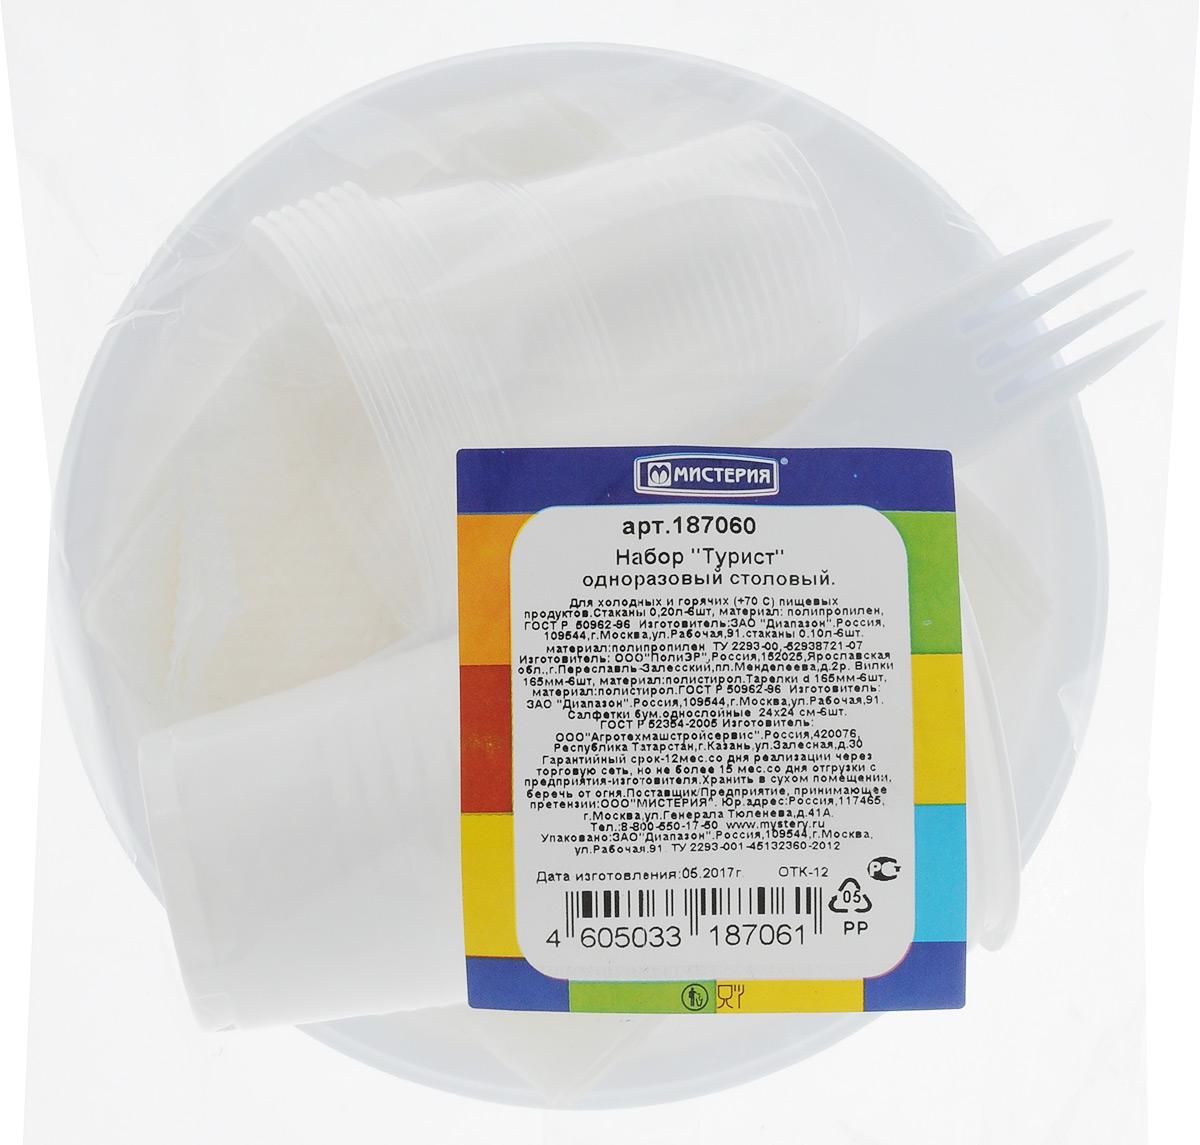 Набор одноразовой посуды Мистерия Турист, 30 предметовSC-FD421005Набор одноразовой посуды Мистерия Турист на 6 персон включает 6 тарелок, 6 вилок, 6 больших стаканов, 6 маленьких стаканов и 6 салфеток. Посуда выполнена из пищевого пластика, предназначена для холодных и горячих (до +70°С) пищевых продуктов. Такой набор посуды отлично подойдет для отдыха на природе. В нем есть все необходимое для пикника. Он легкий и не занимает много места, а самое главное - после использования его не надо мыть. Объем большого стакана: 200 мл. Диаметр большого стакана (по верхнему краю): 7 см. Высота большого стакана: 9,5 см. Объем маленького стакана: 100 мл. Диаметр маленького стакана (по верхнему краю): 6,5 см. Высота маленького стакана: 6,5 см. Диаметр тарелки: 16,5 см. Длина вилки: 16,5 см. Размер салфетки: 24 х 24 см.